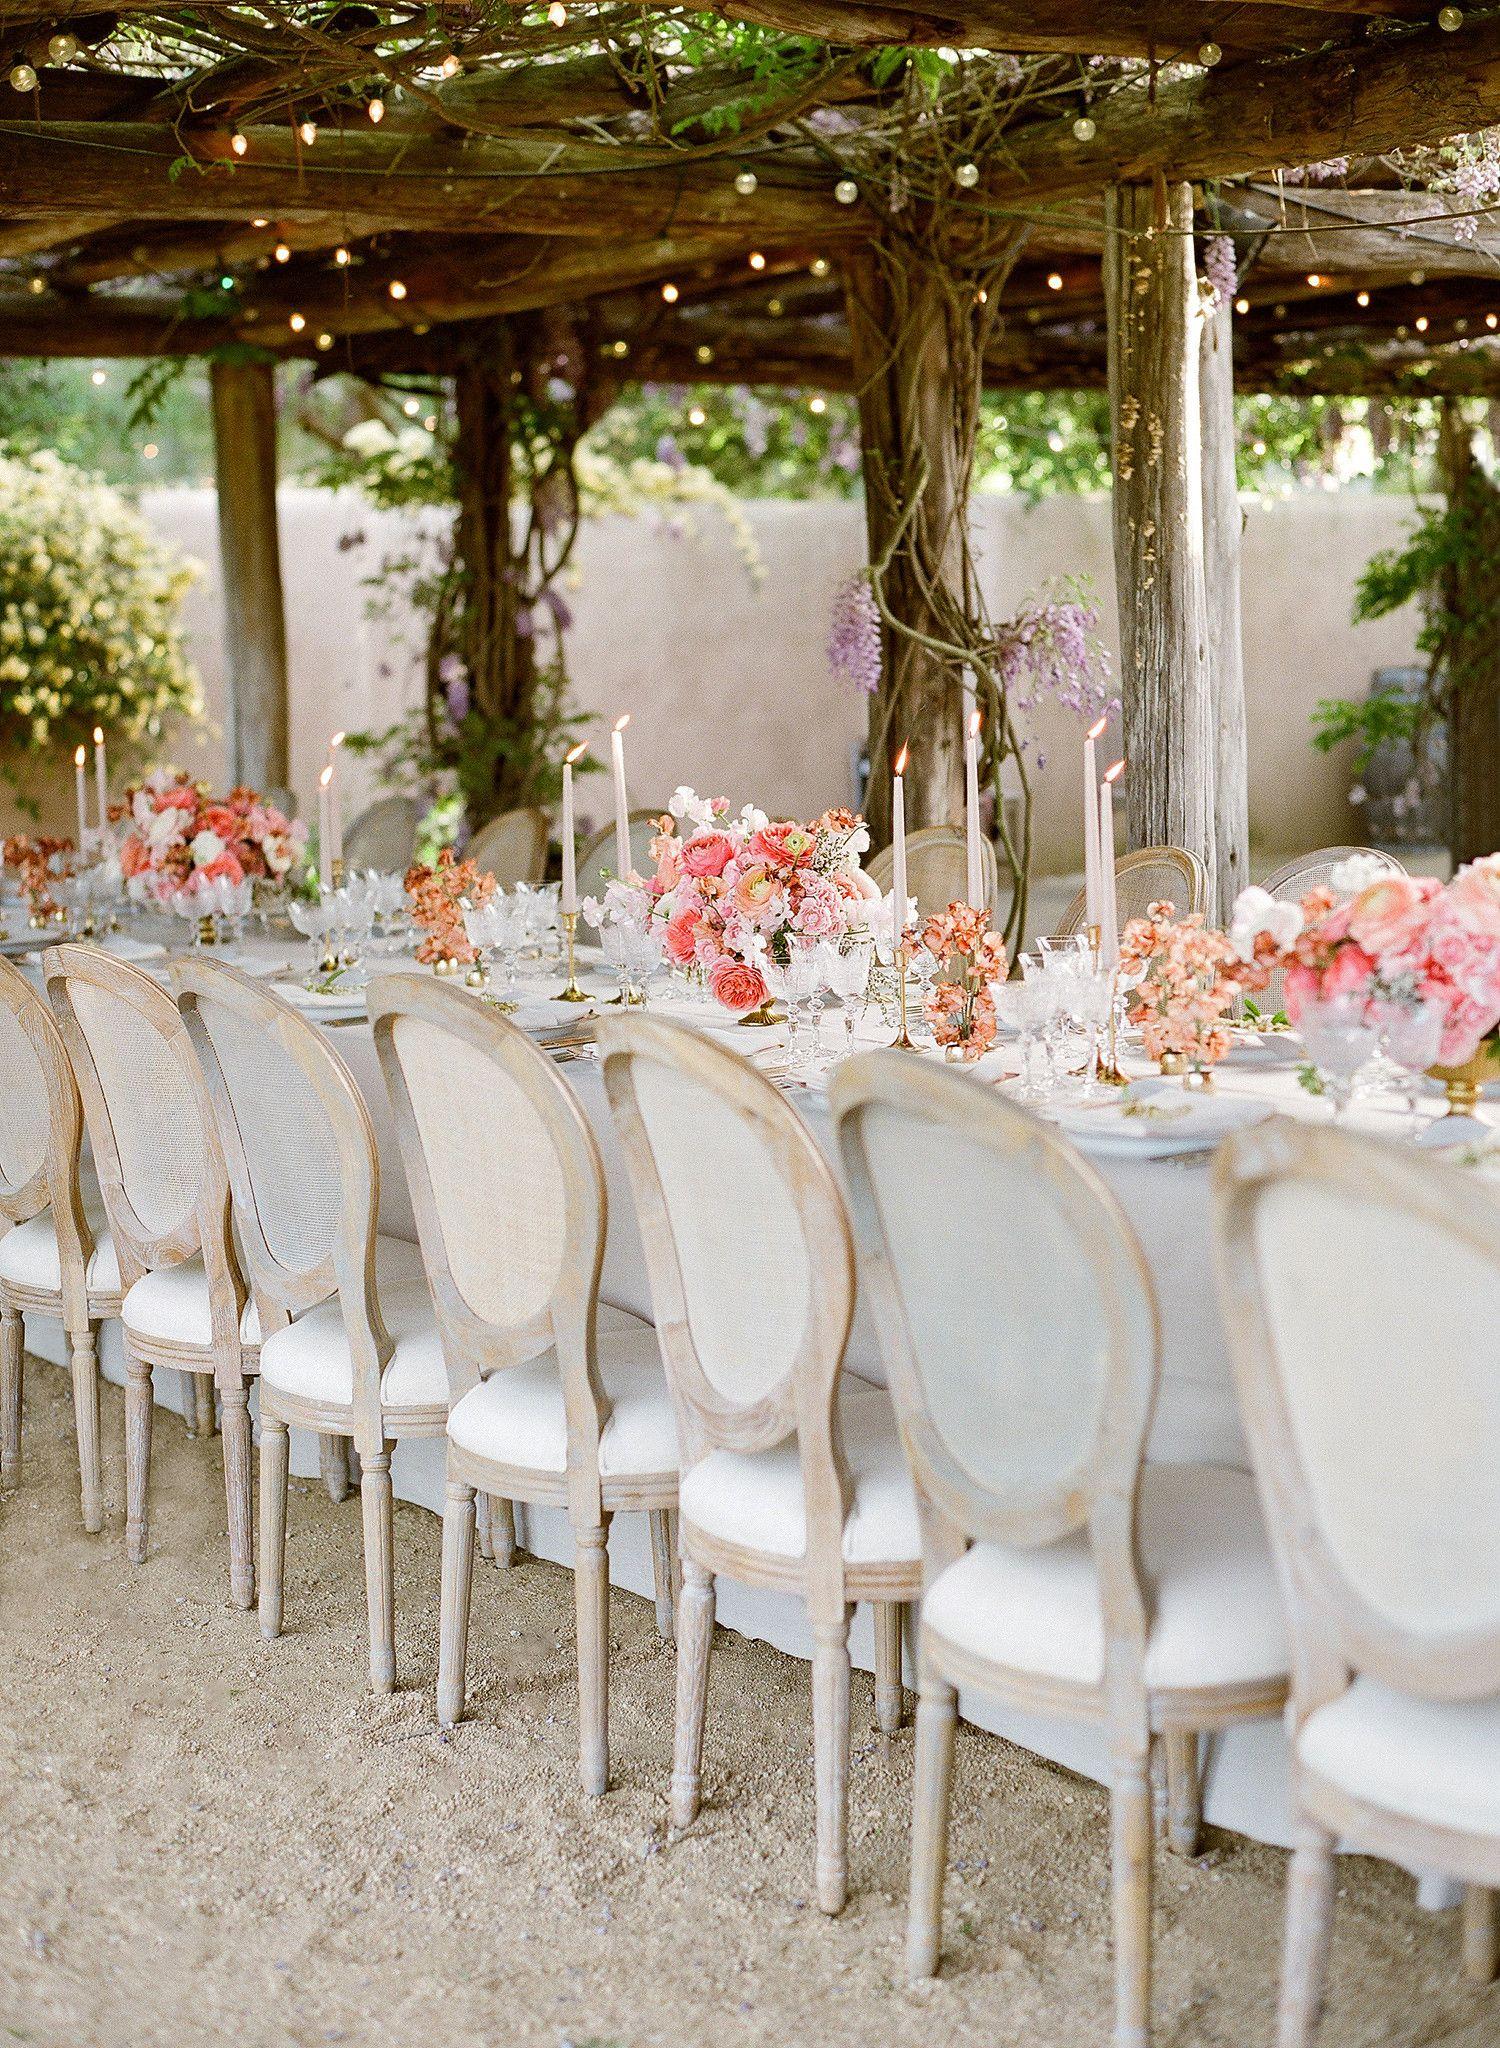 An Intimate Destination Wedding In Santa Ynez Valley California Destination Wedding California Martha Stewart Weddings Wedding Chairs